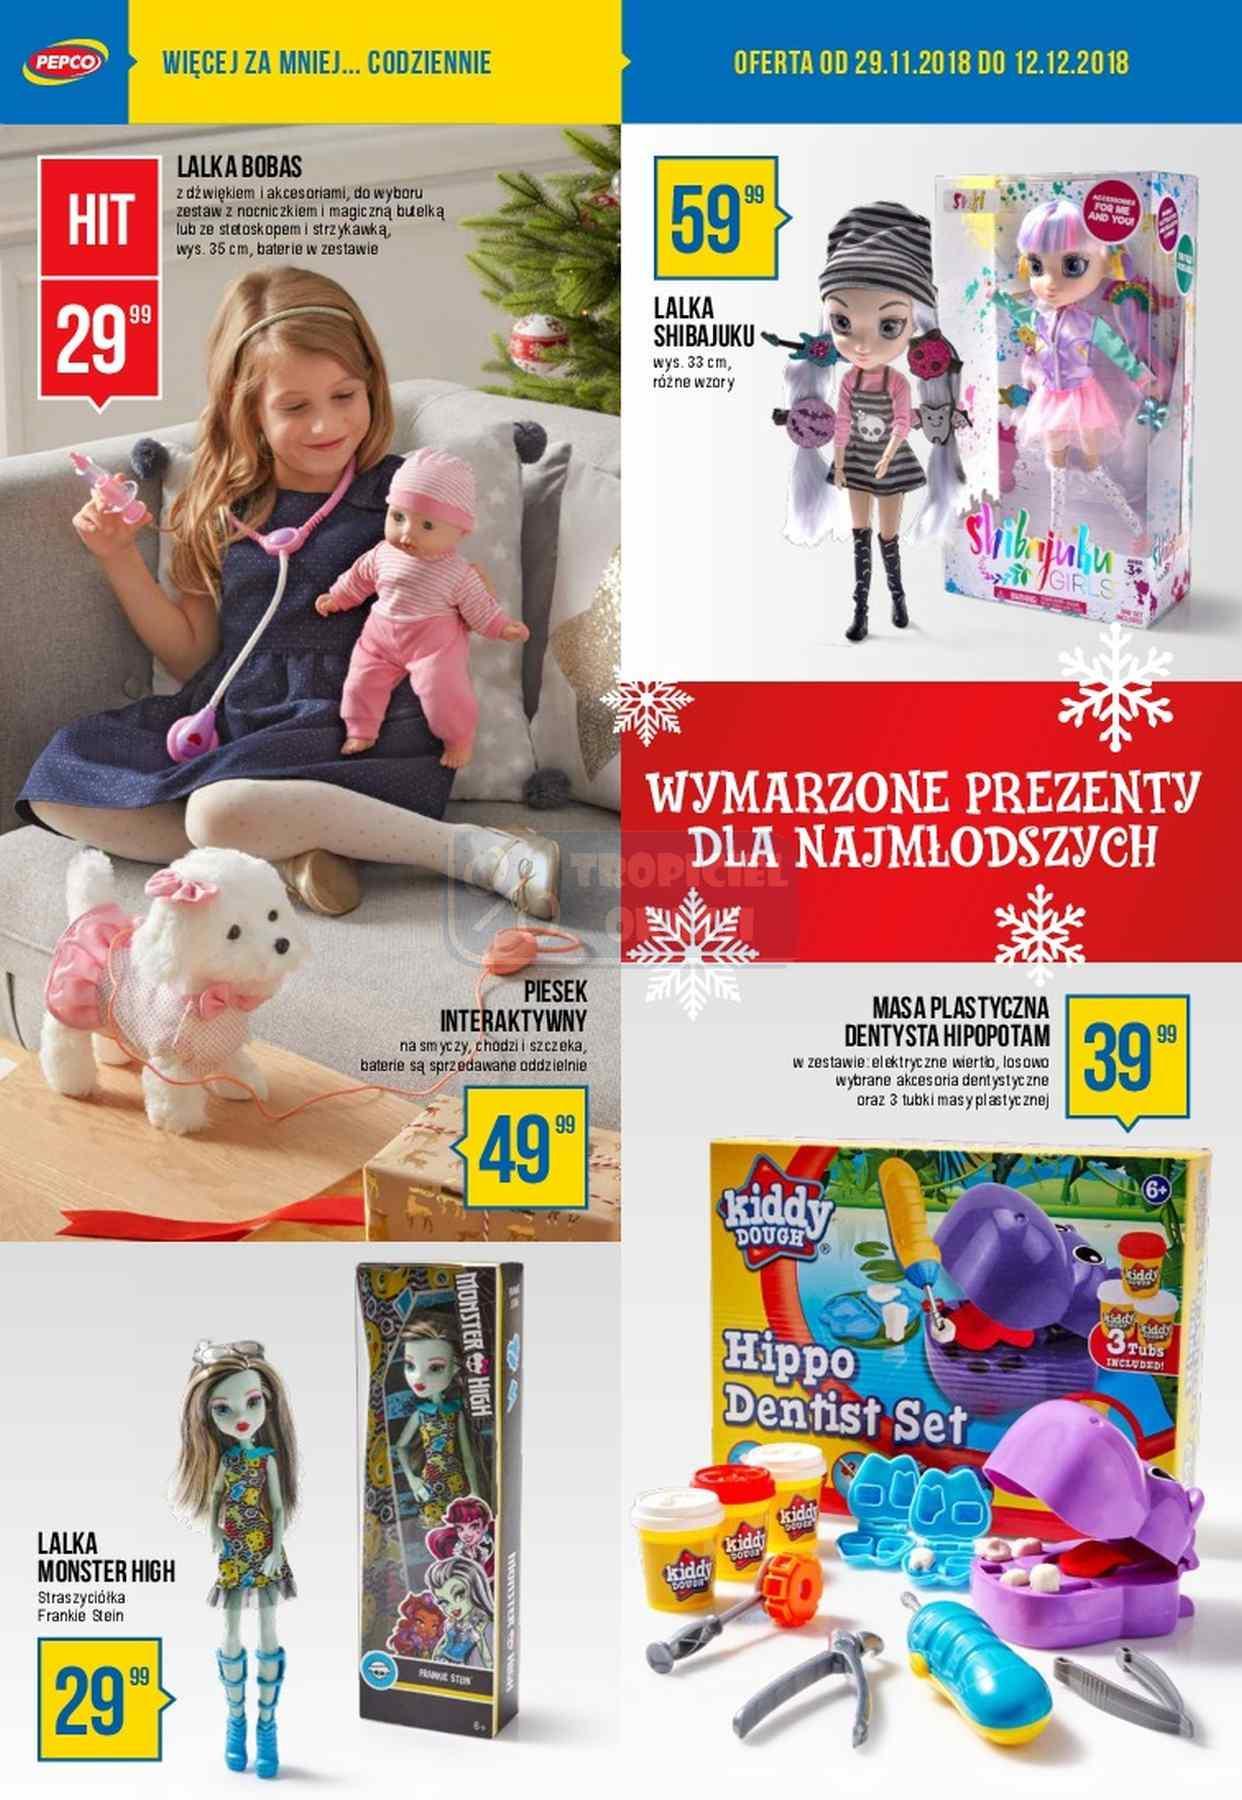 Gazetka promocyjna Pepco do 12/12/2018 str.2